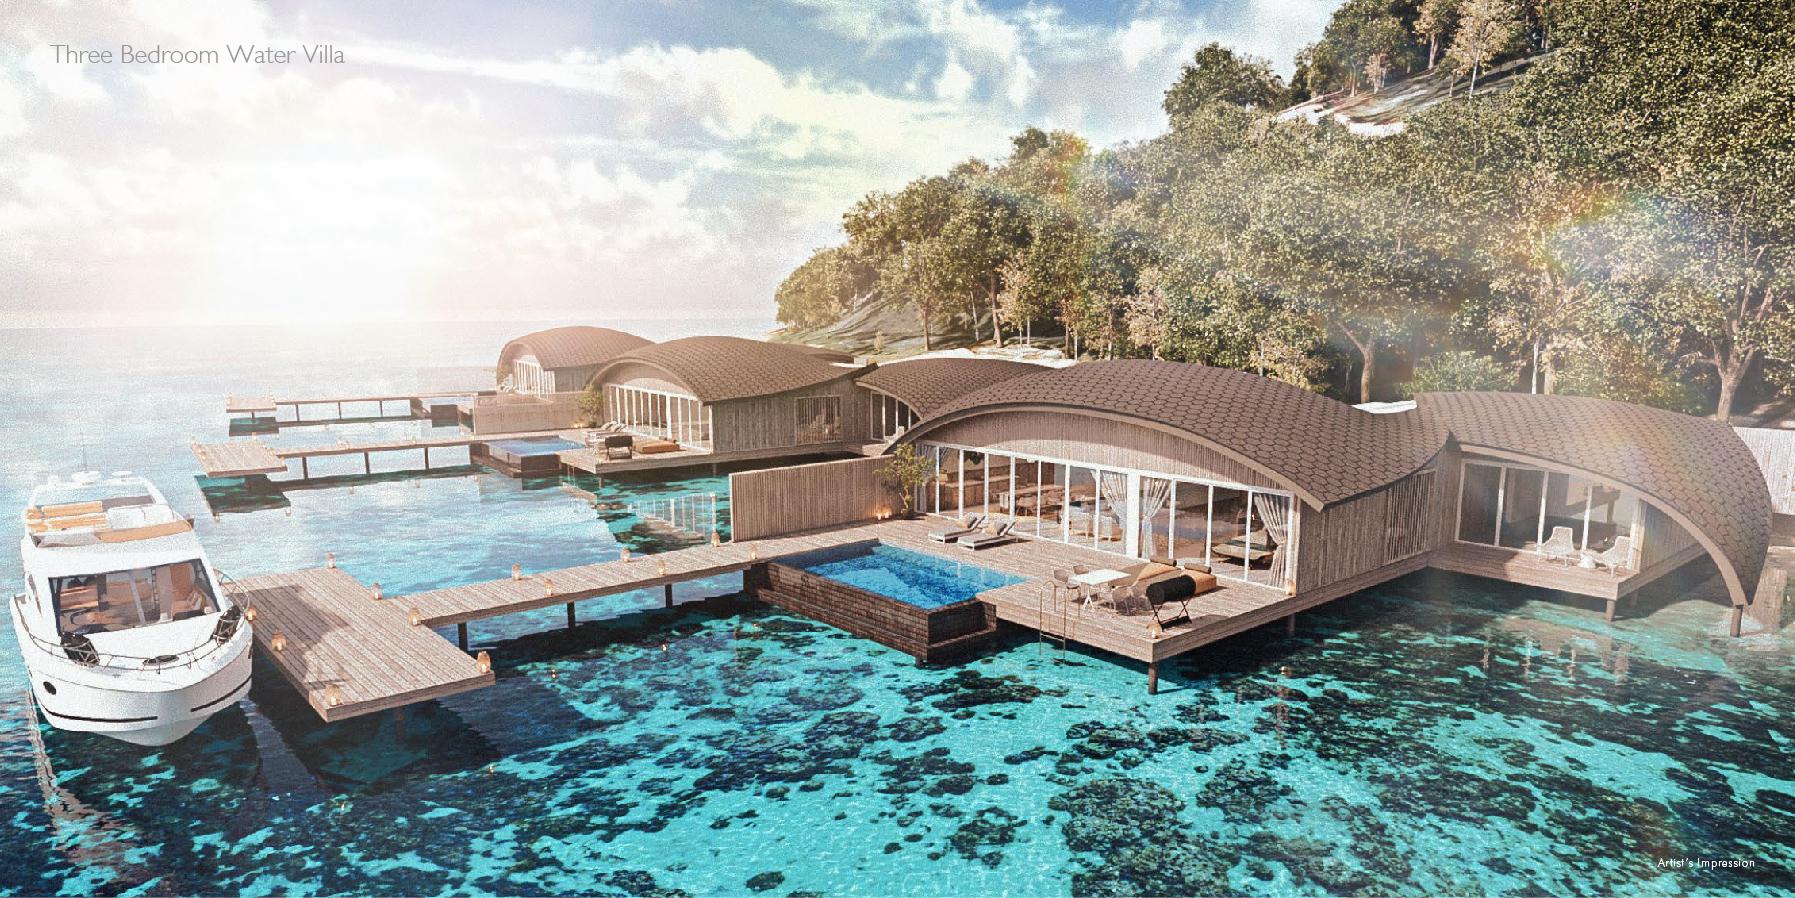 Three Bedroom Overwater Villa